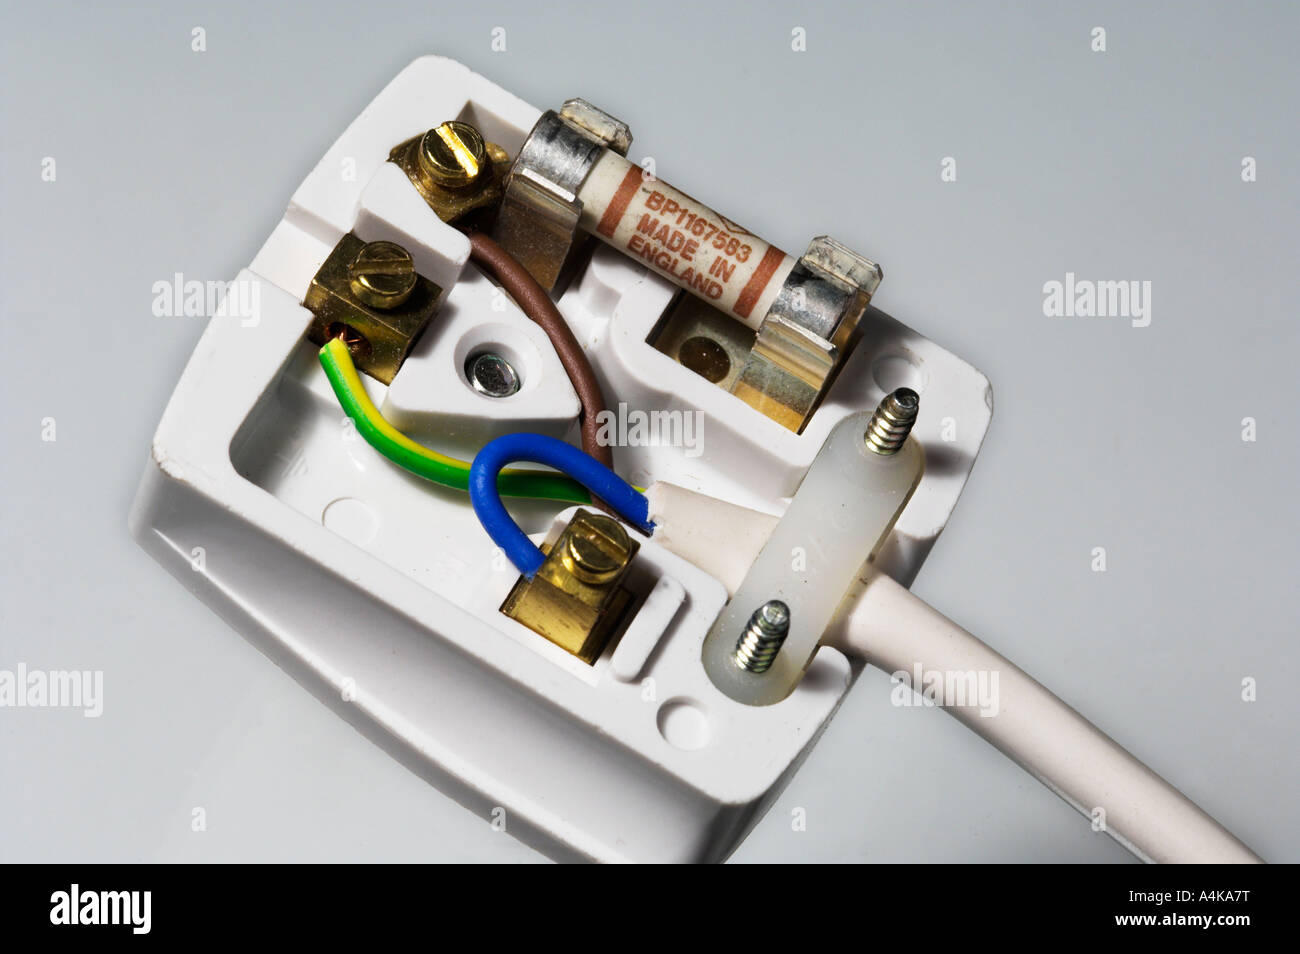 Mains Plug Wiring Uk